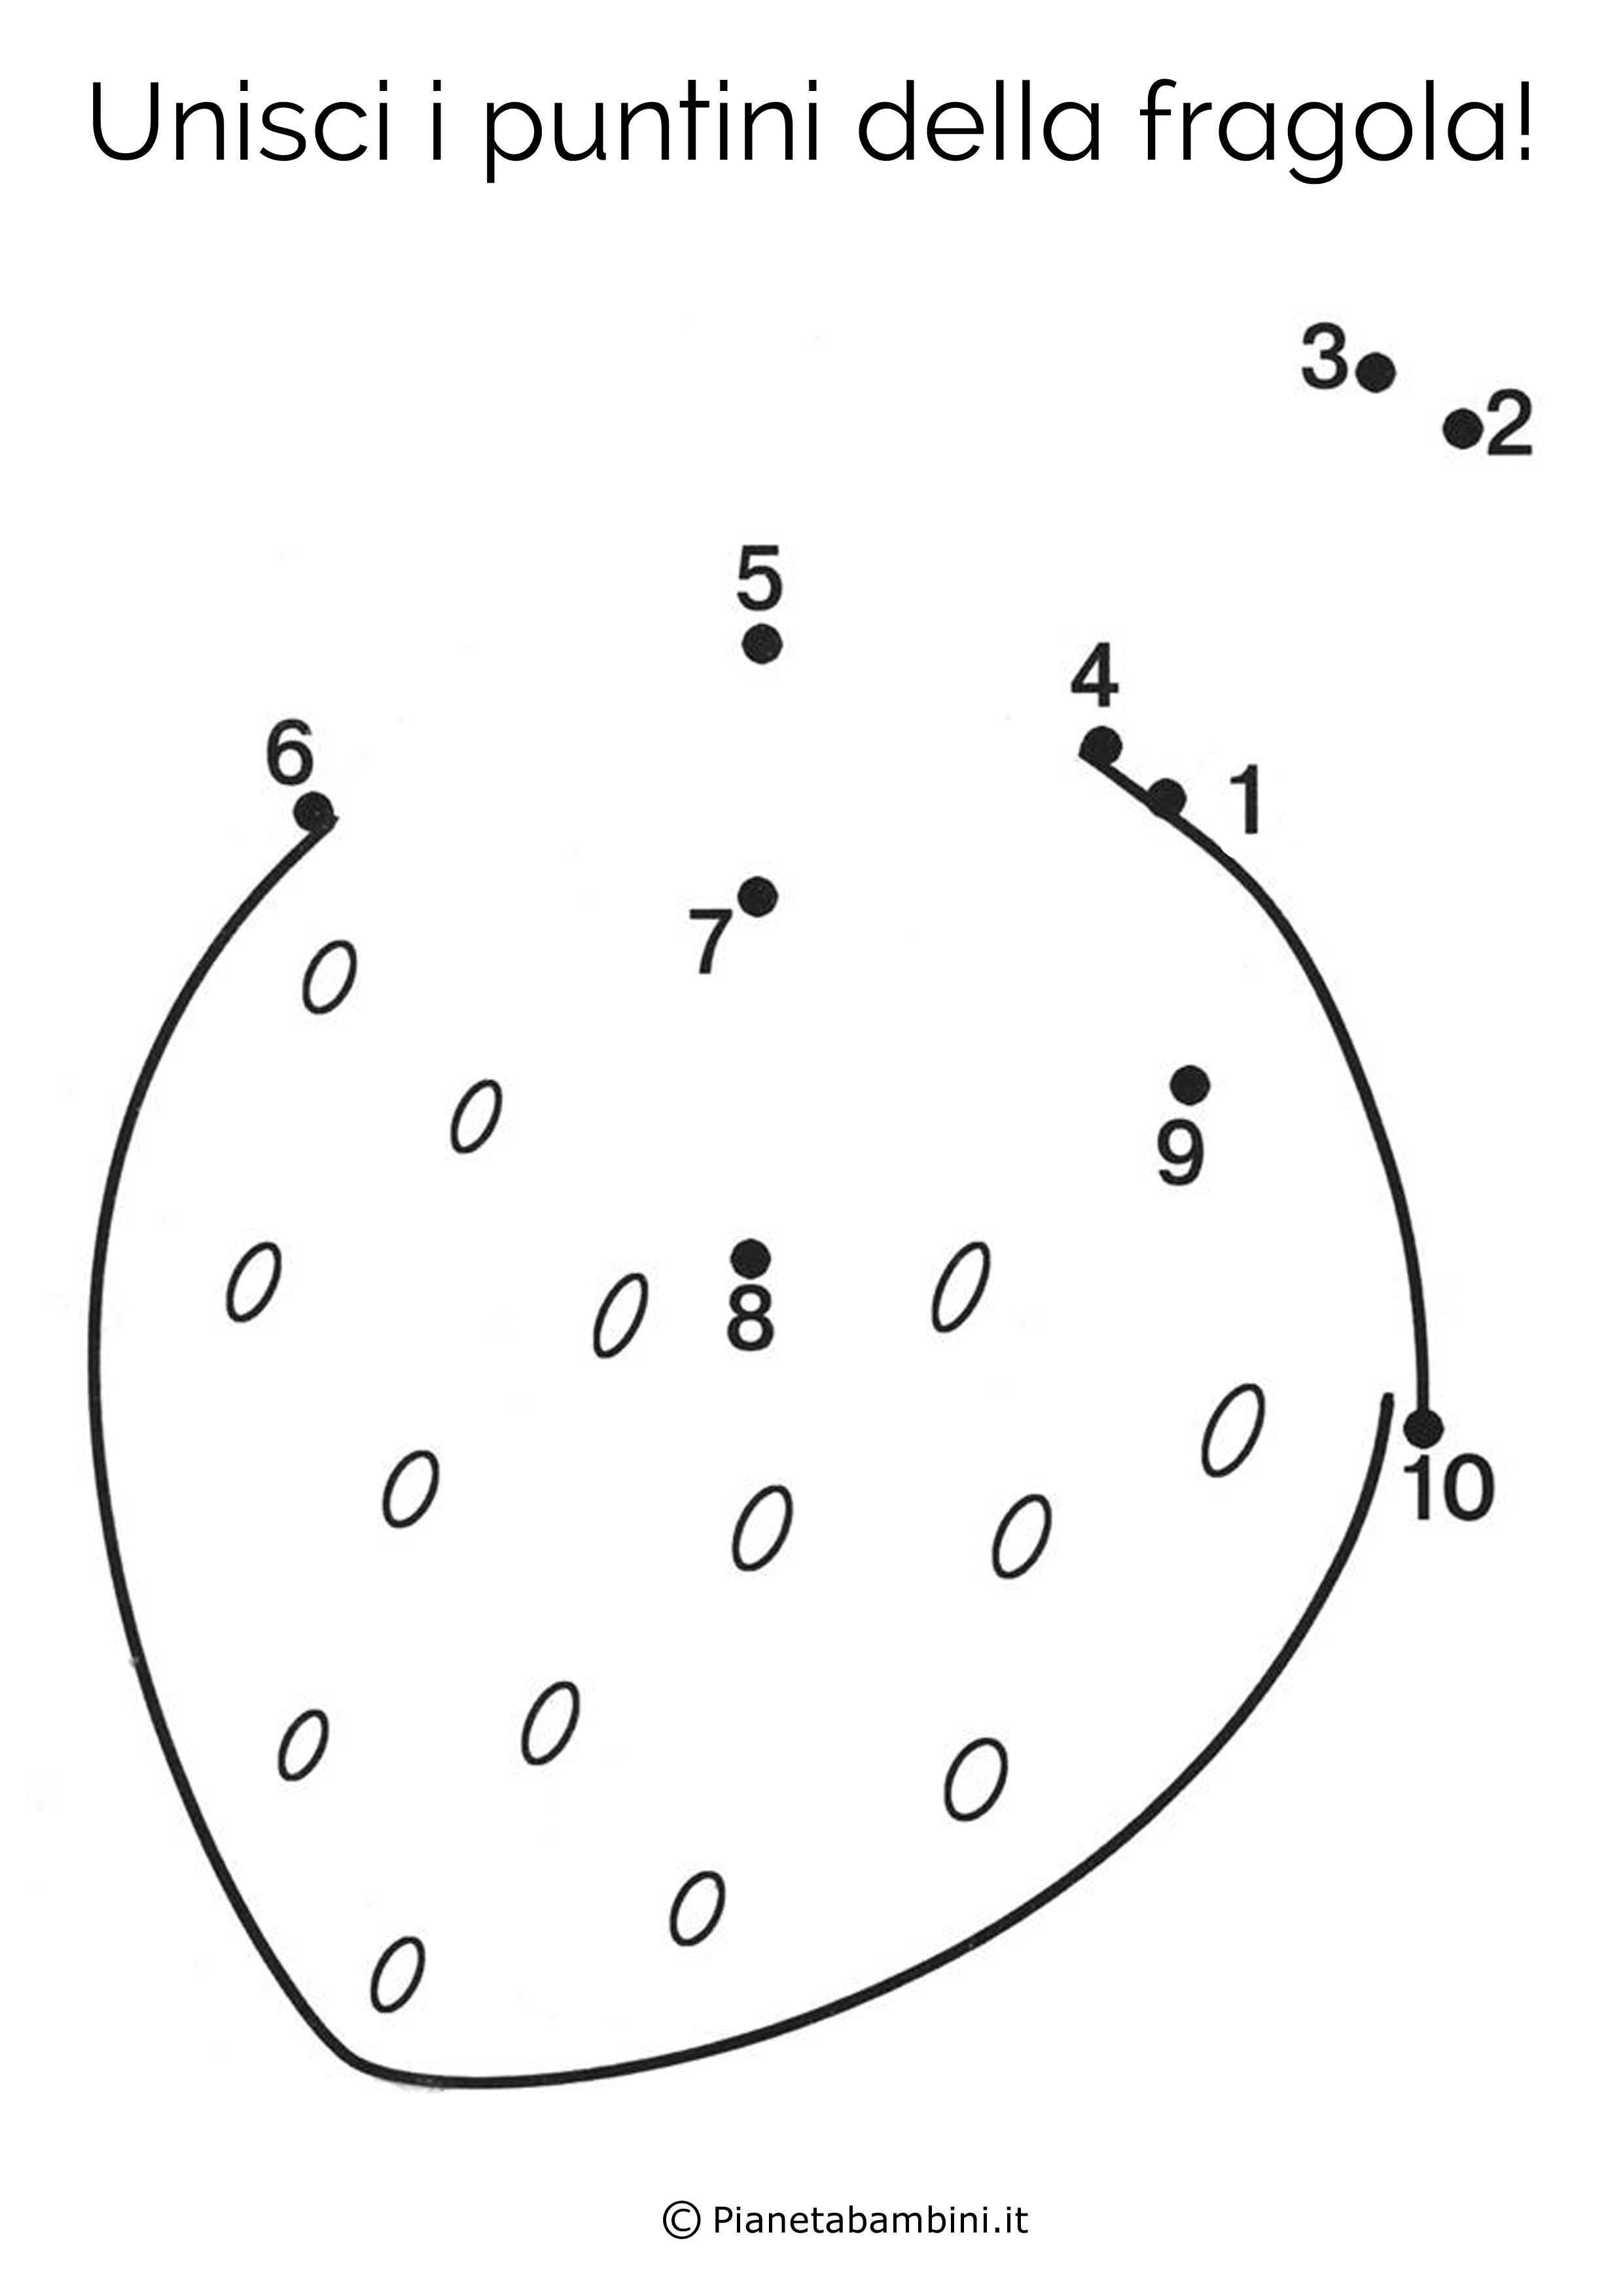 15 disegni unisci i puntini da 1 a 10 per bambini - Colore per numeri per i bambini ...